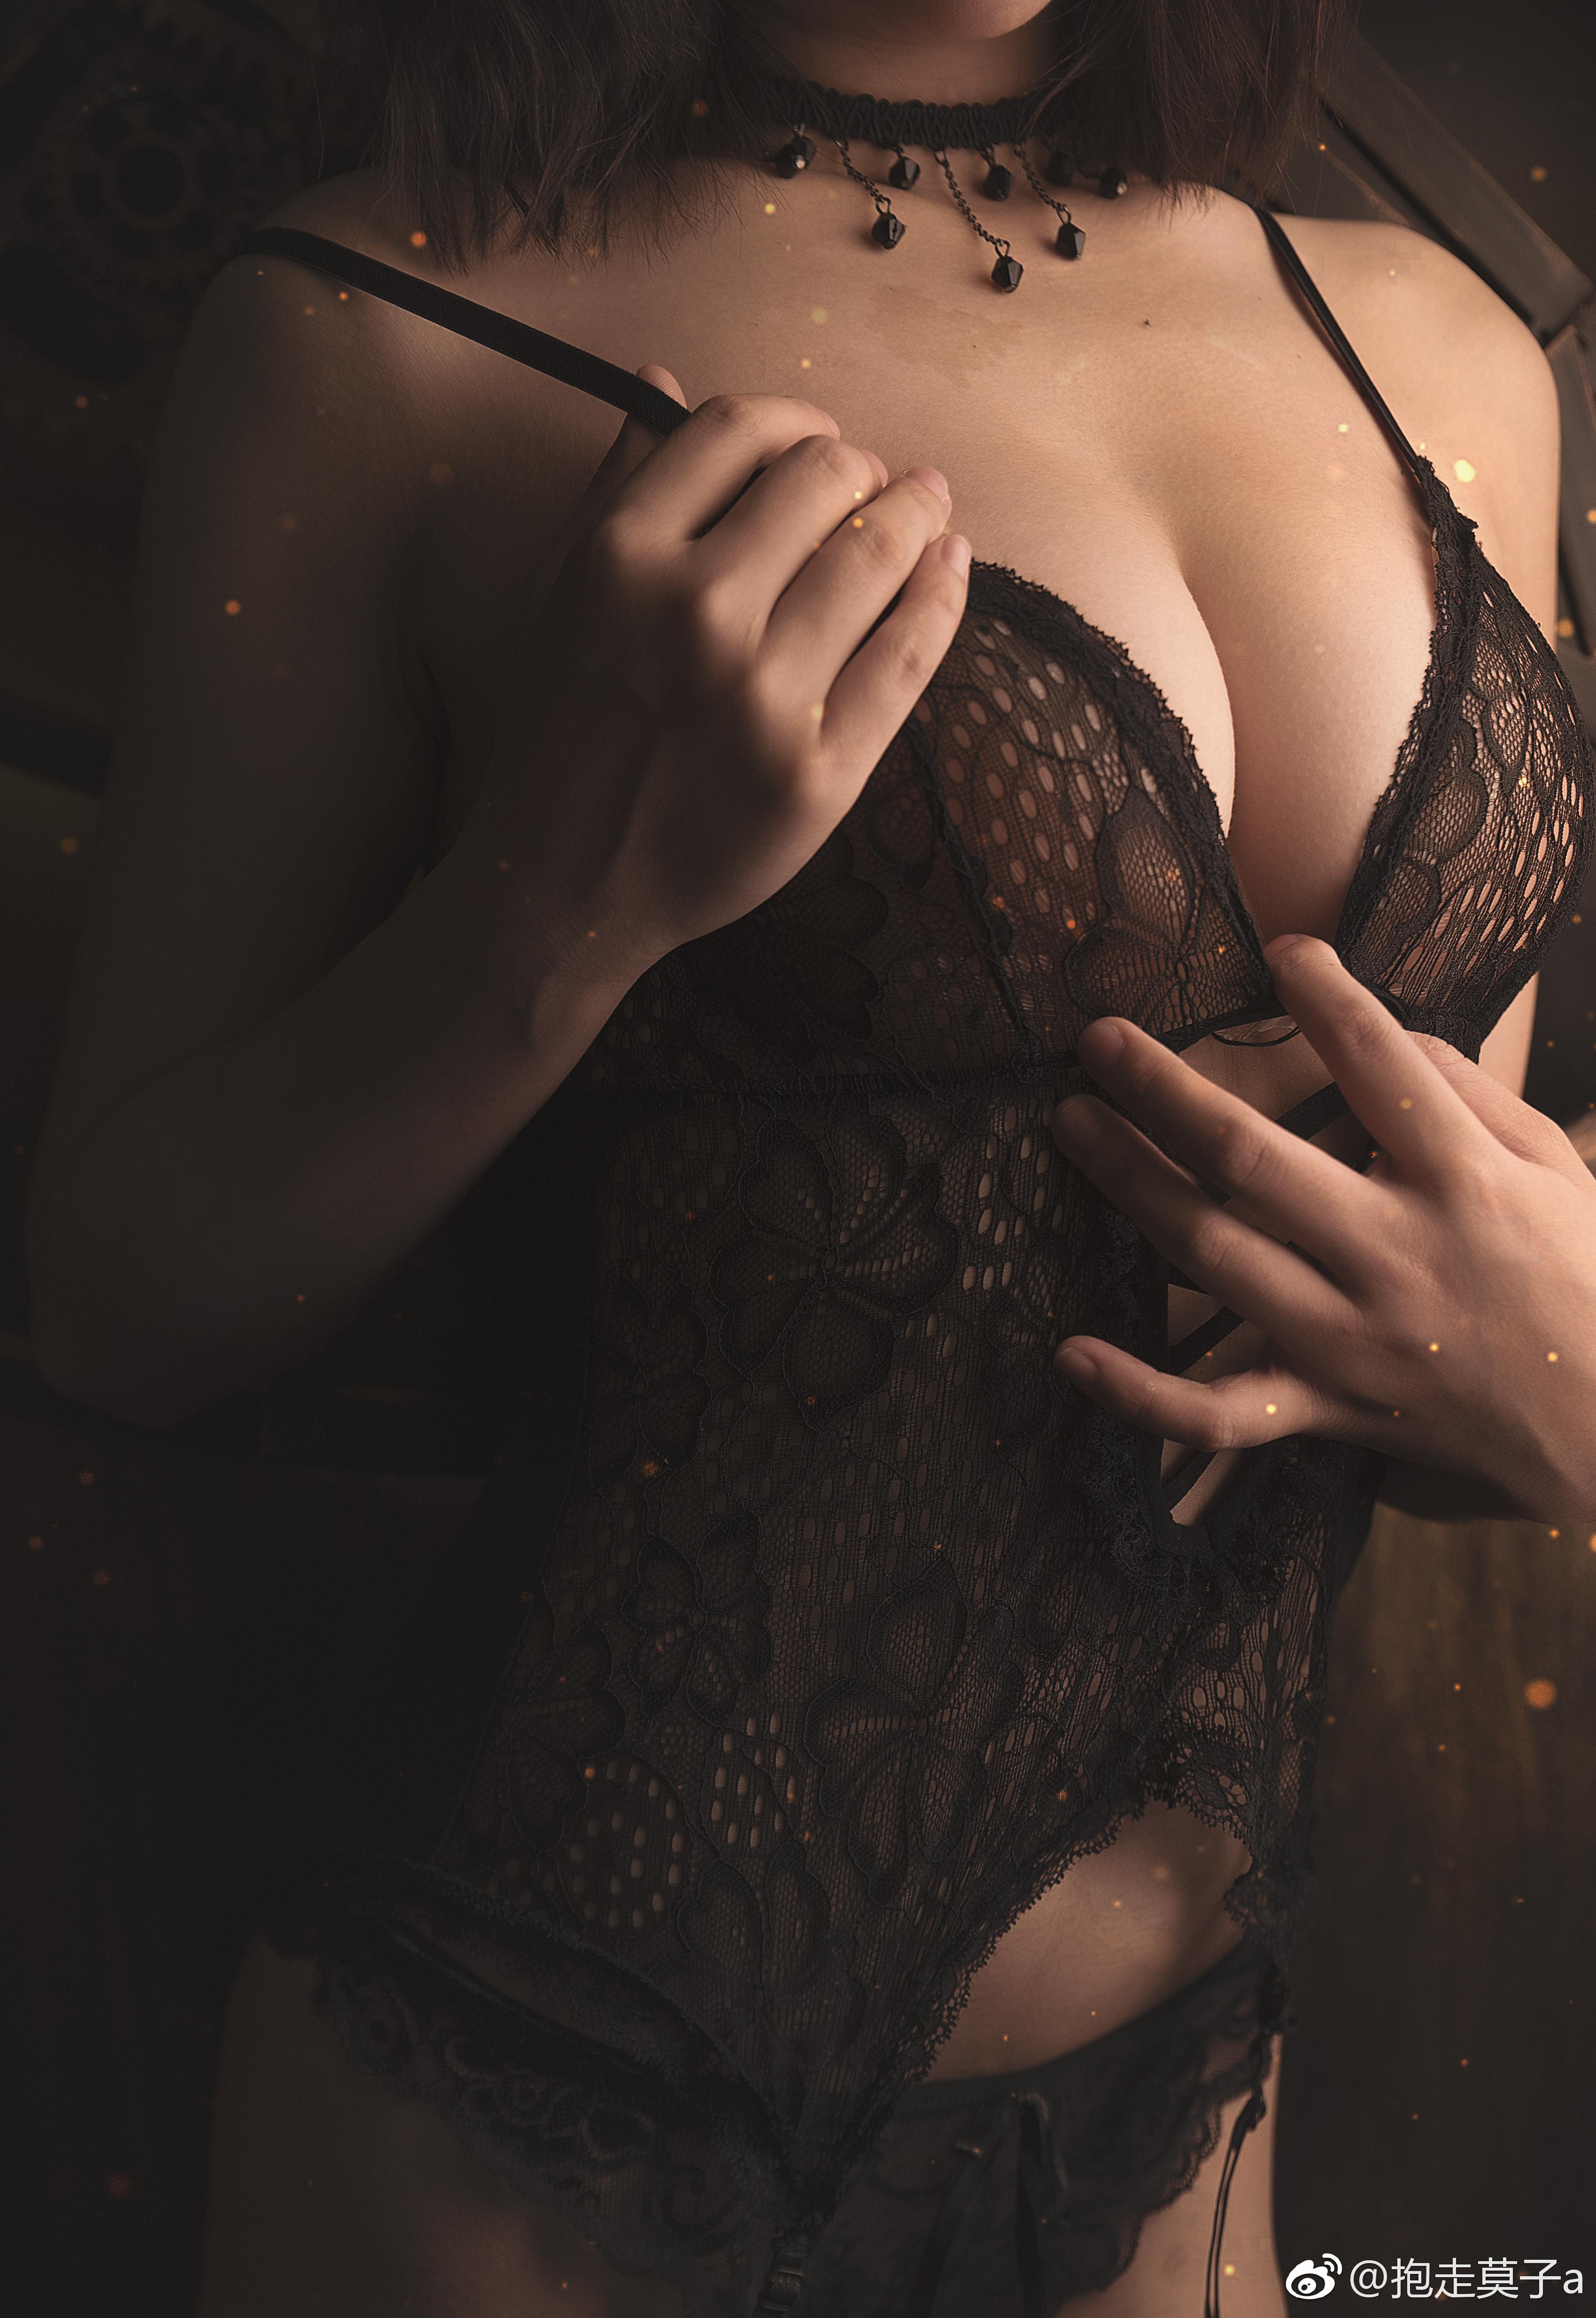 萌妹子的微博5W粉丝福利,少女内衣私房写真 美女写真-第6张